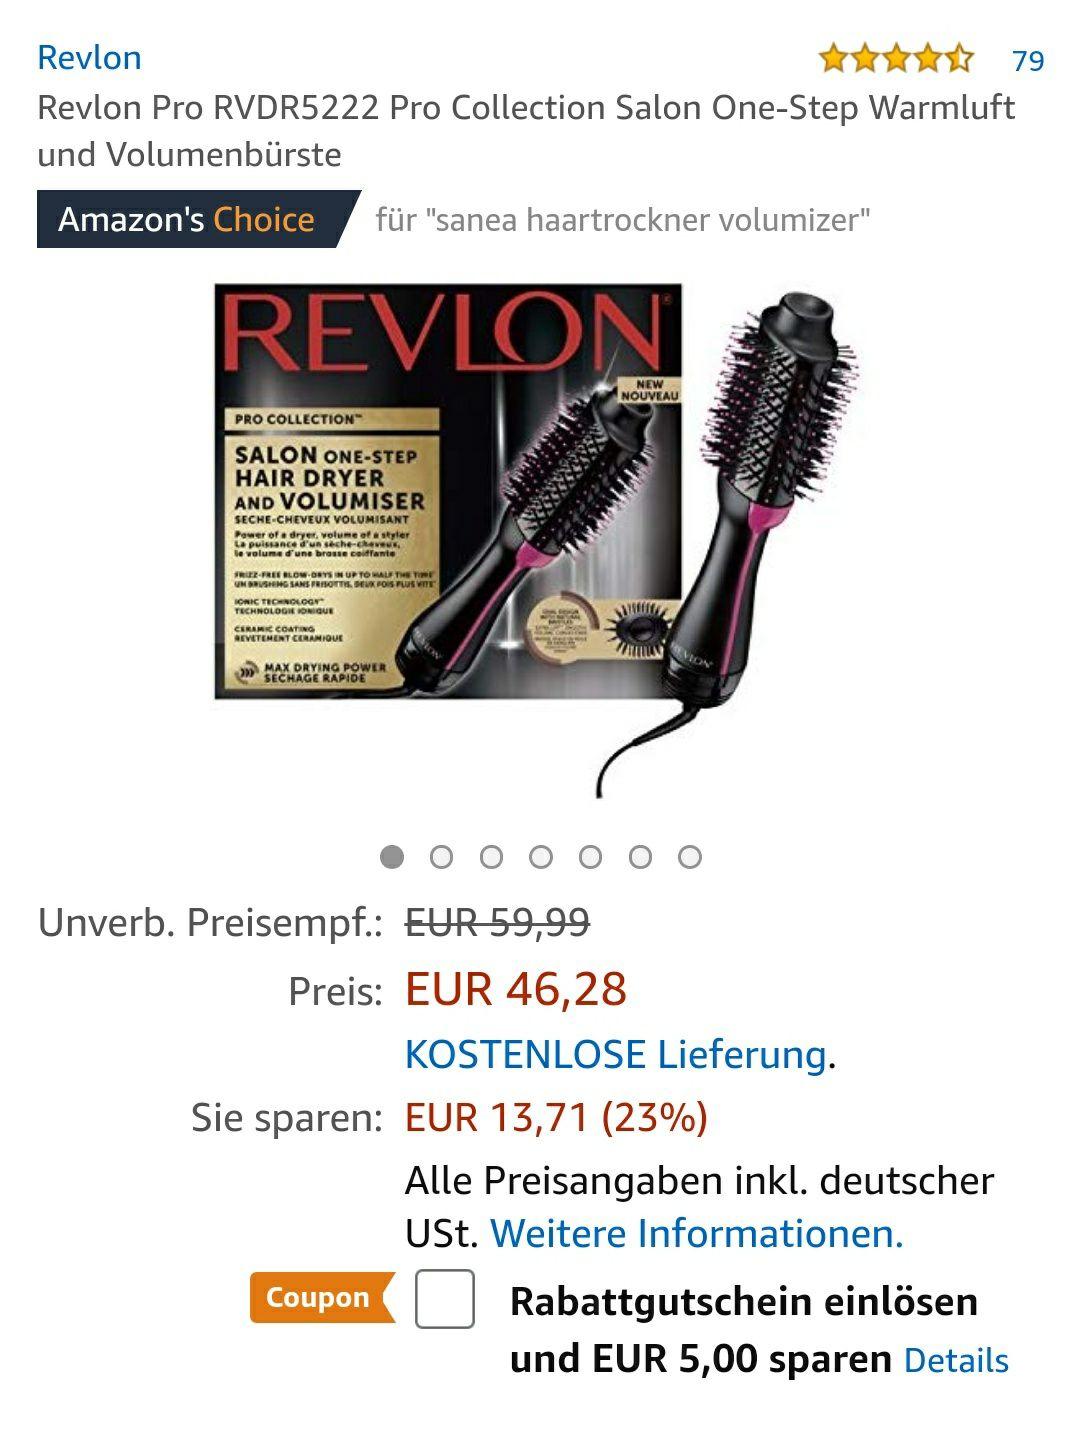 Revlon Haartrockner & Styler RVDR5222E (Lieferung 1 bis 2 Monate, dafür Bestpreis)